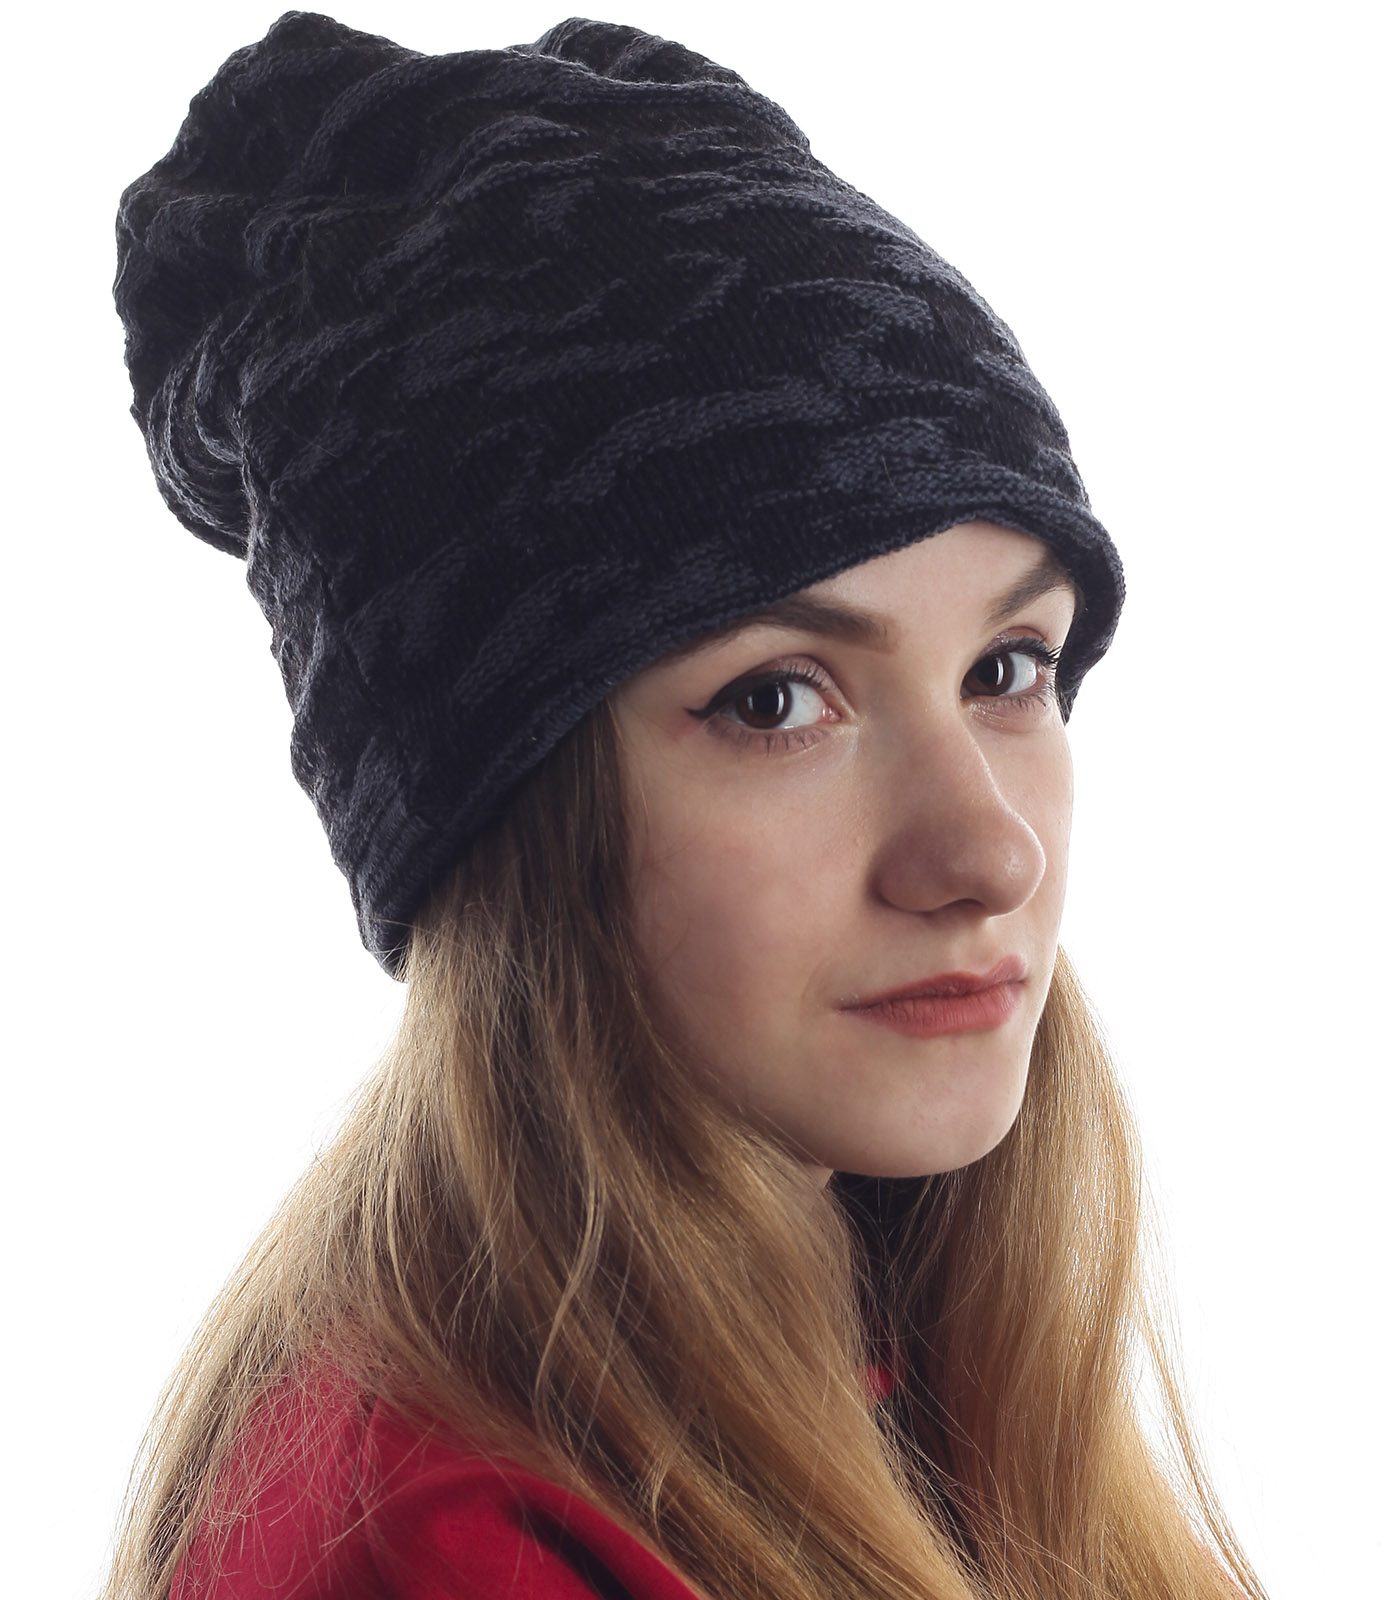 Женская шапка для современных девушек. Модный фасон не оставит равнодушной, а теплый материал защитит от холода